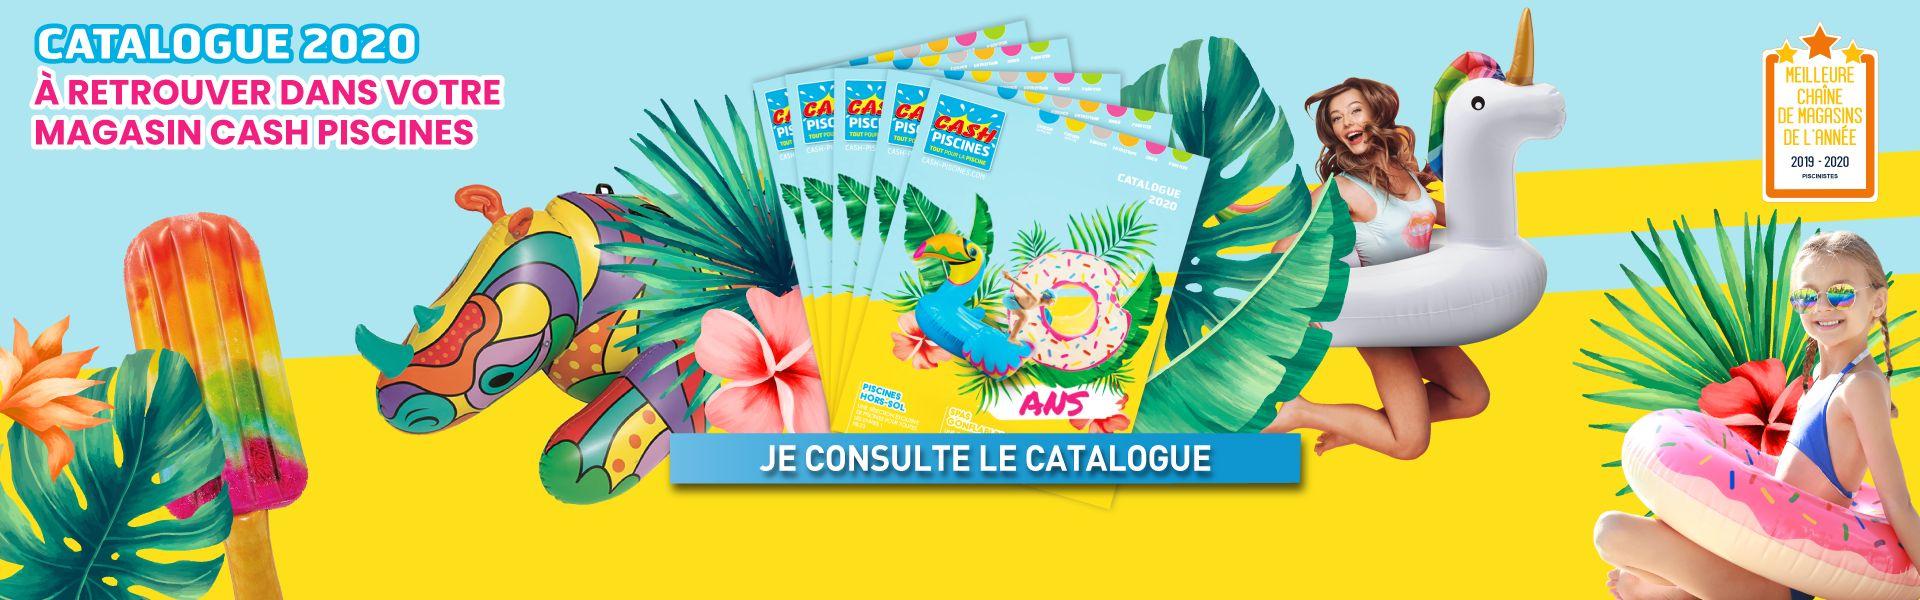 Cash Piscines - Tout Pour La Piscine & Spas Gonflables ... intérieur Cash Piscine Brive